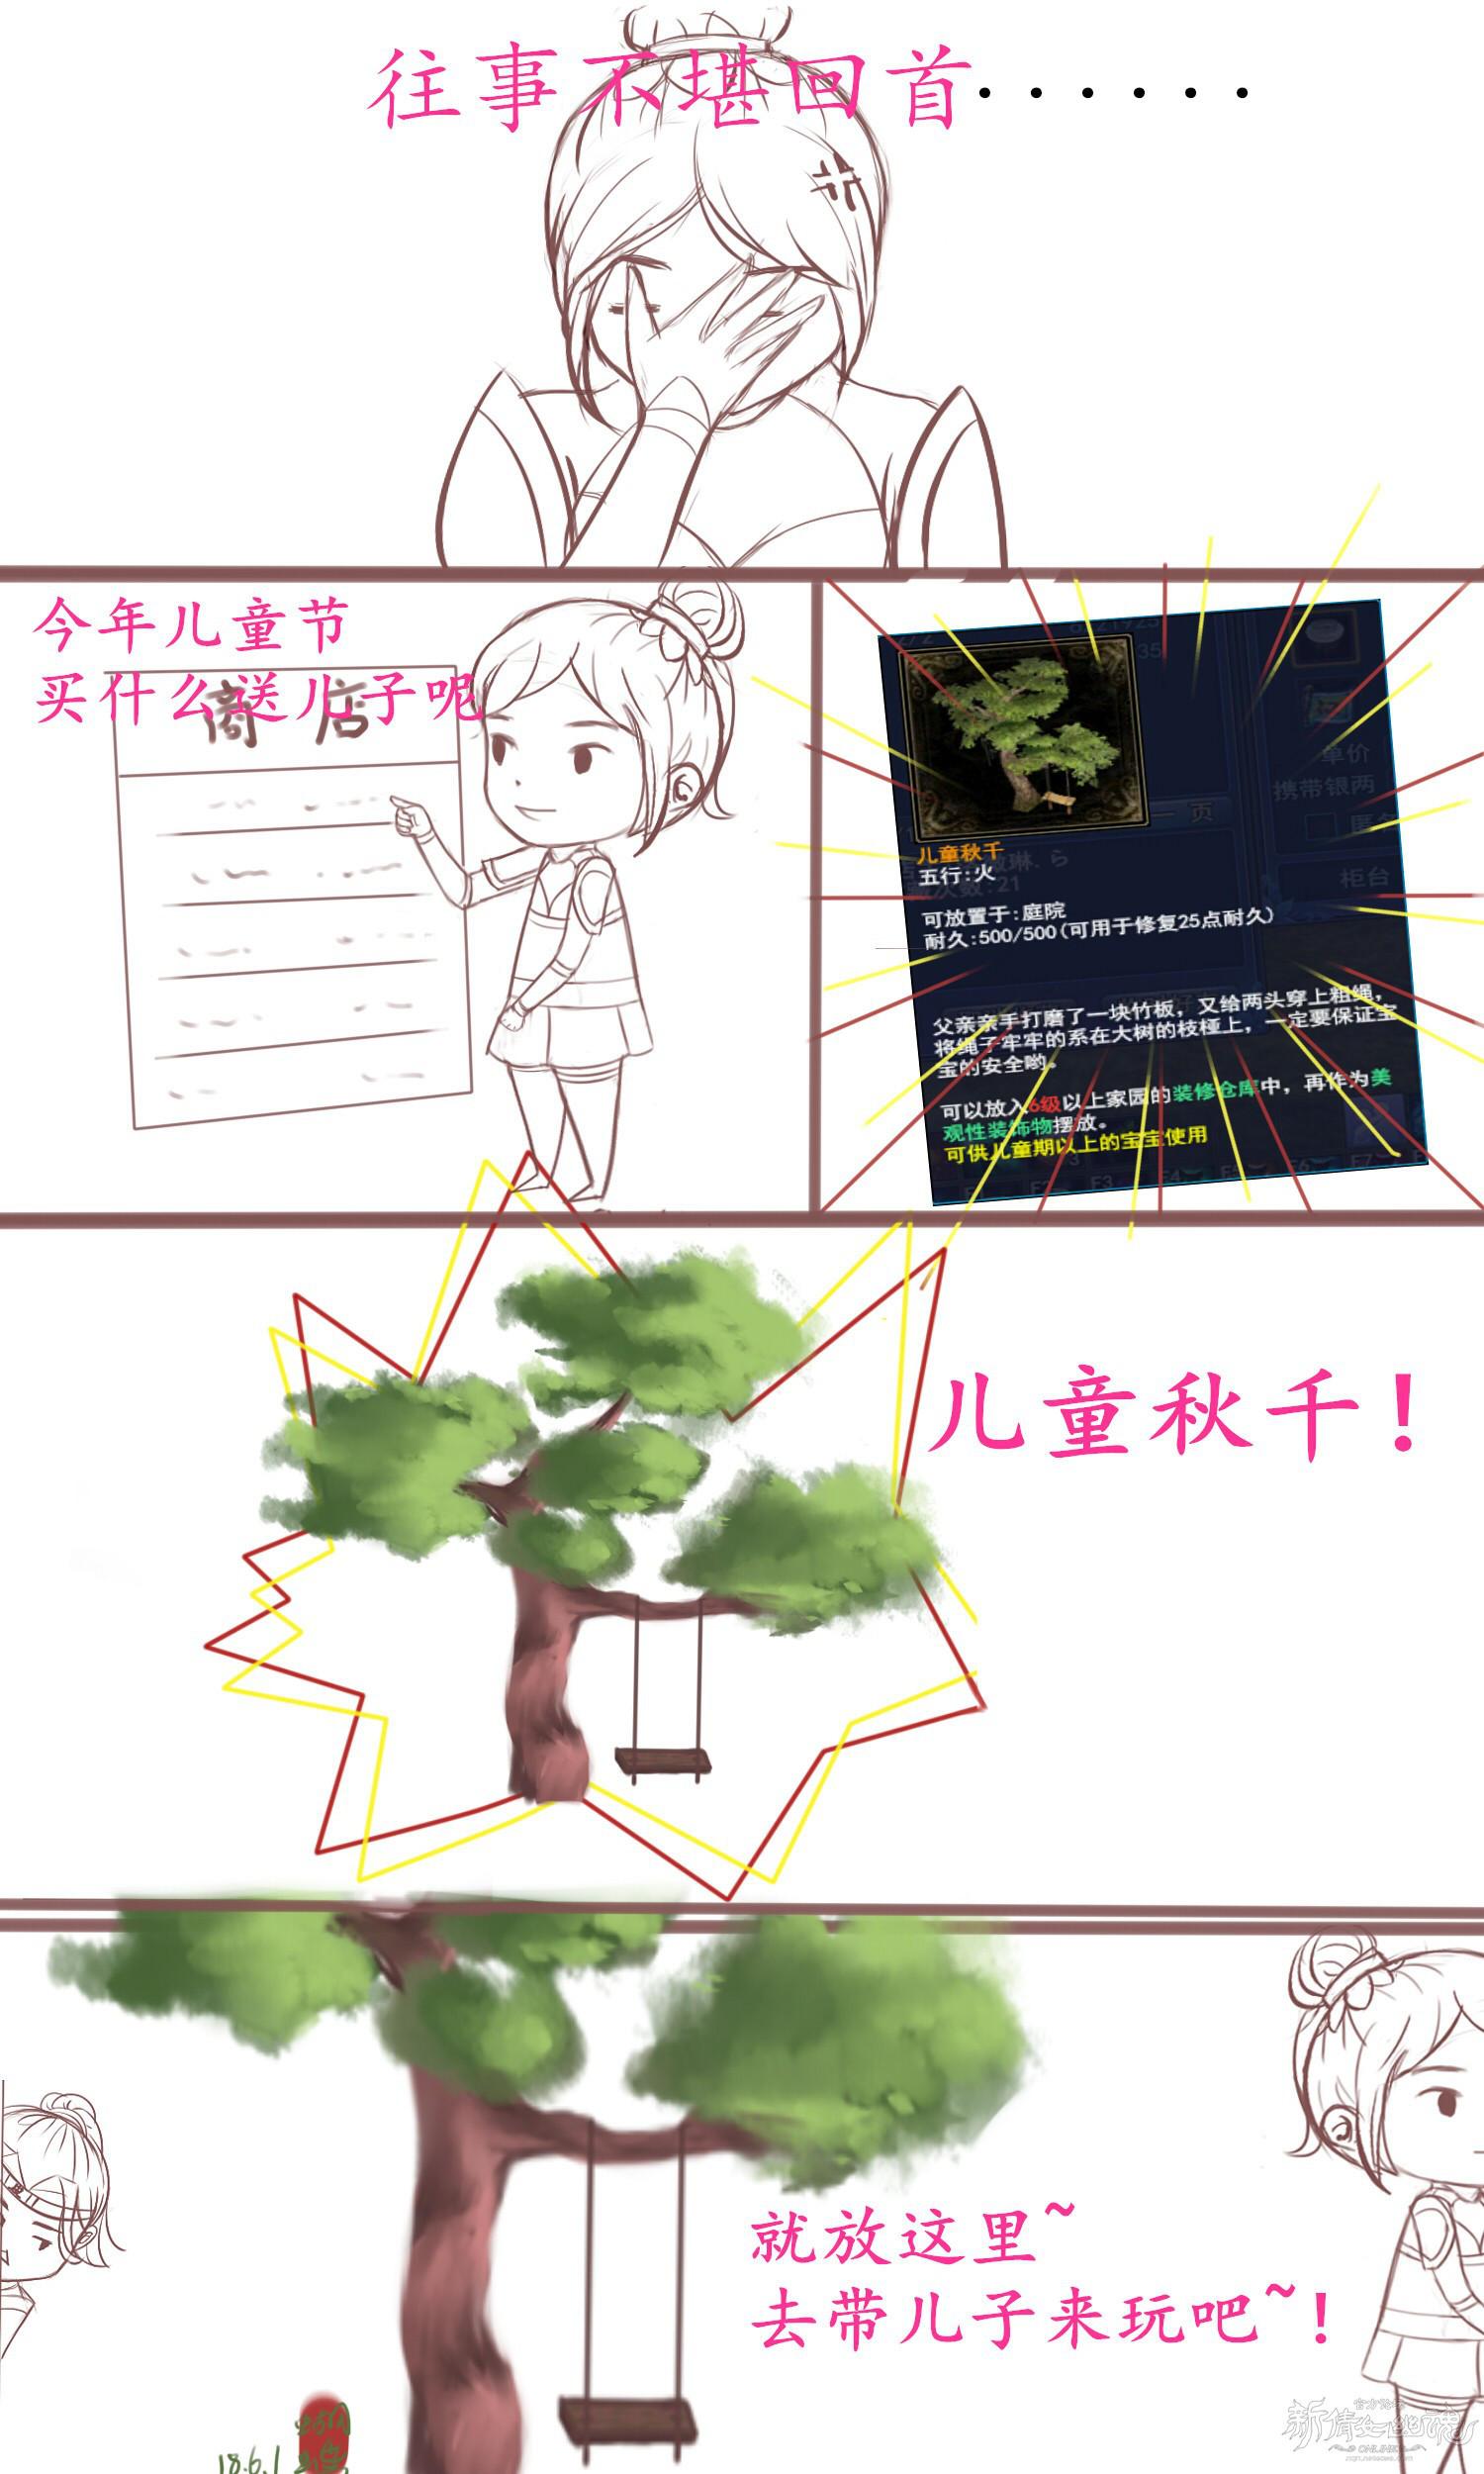 [手绘] 【名人堂】儿童节系列之三